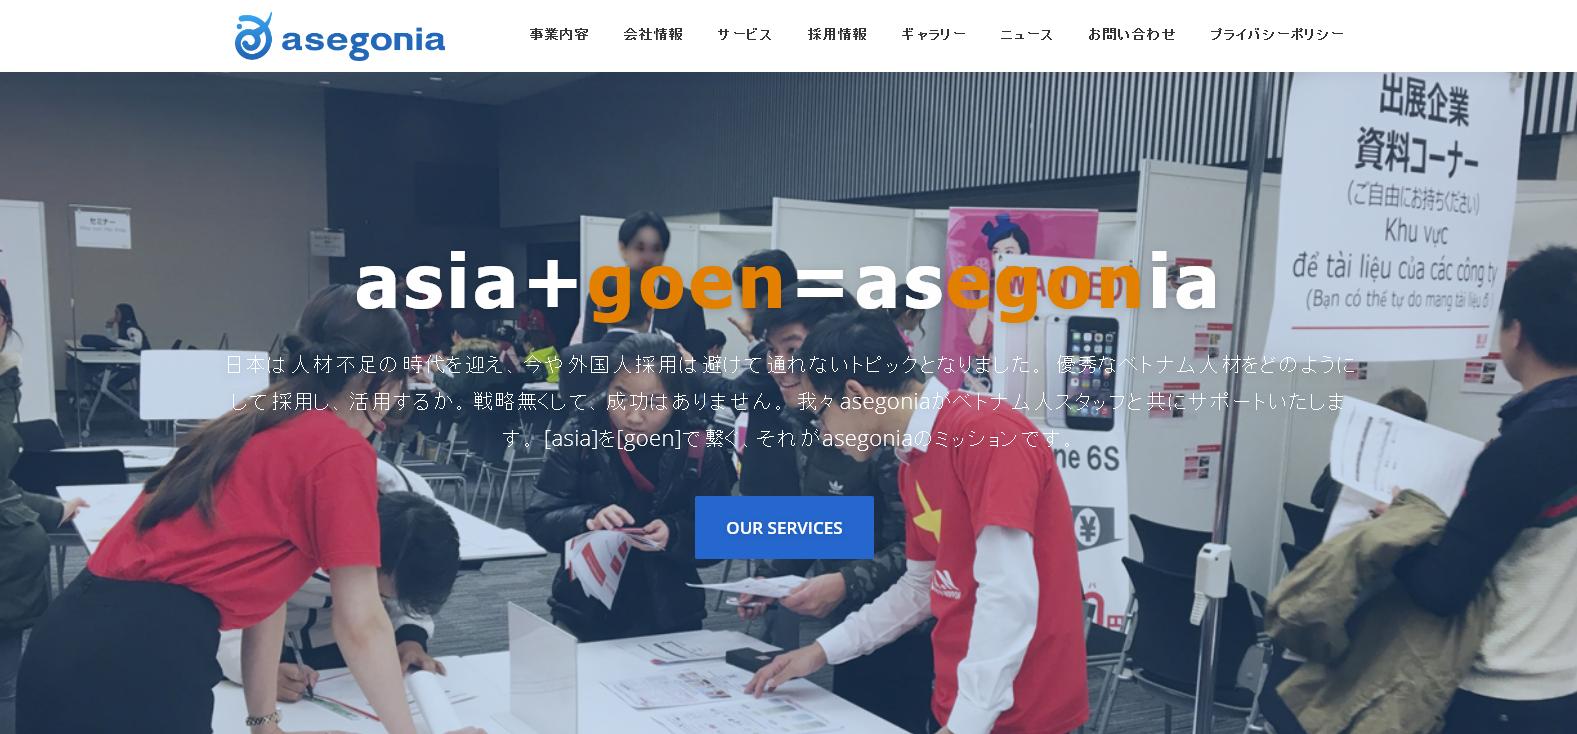 ツナググループのasegonia、エンジニアの外国人材セミナーをオンライン開催